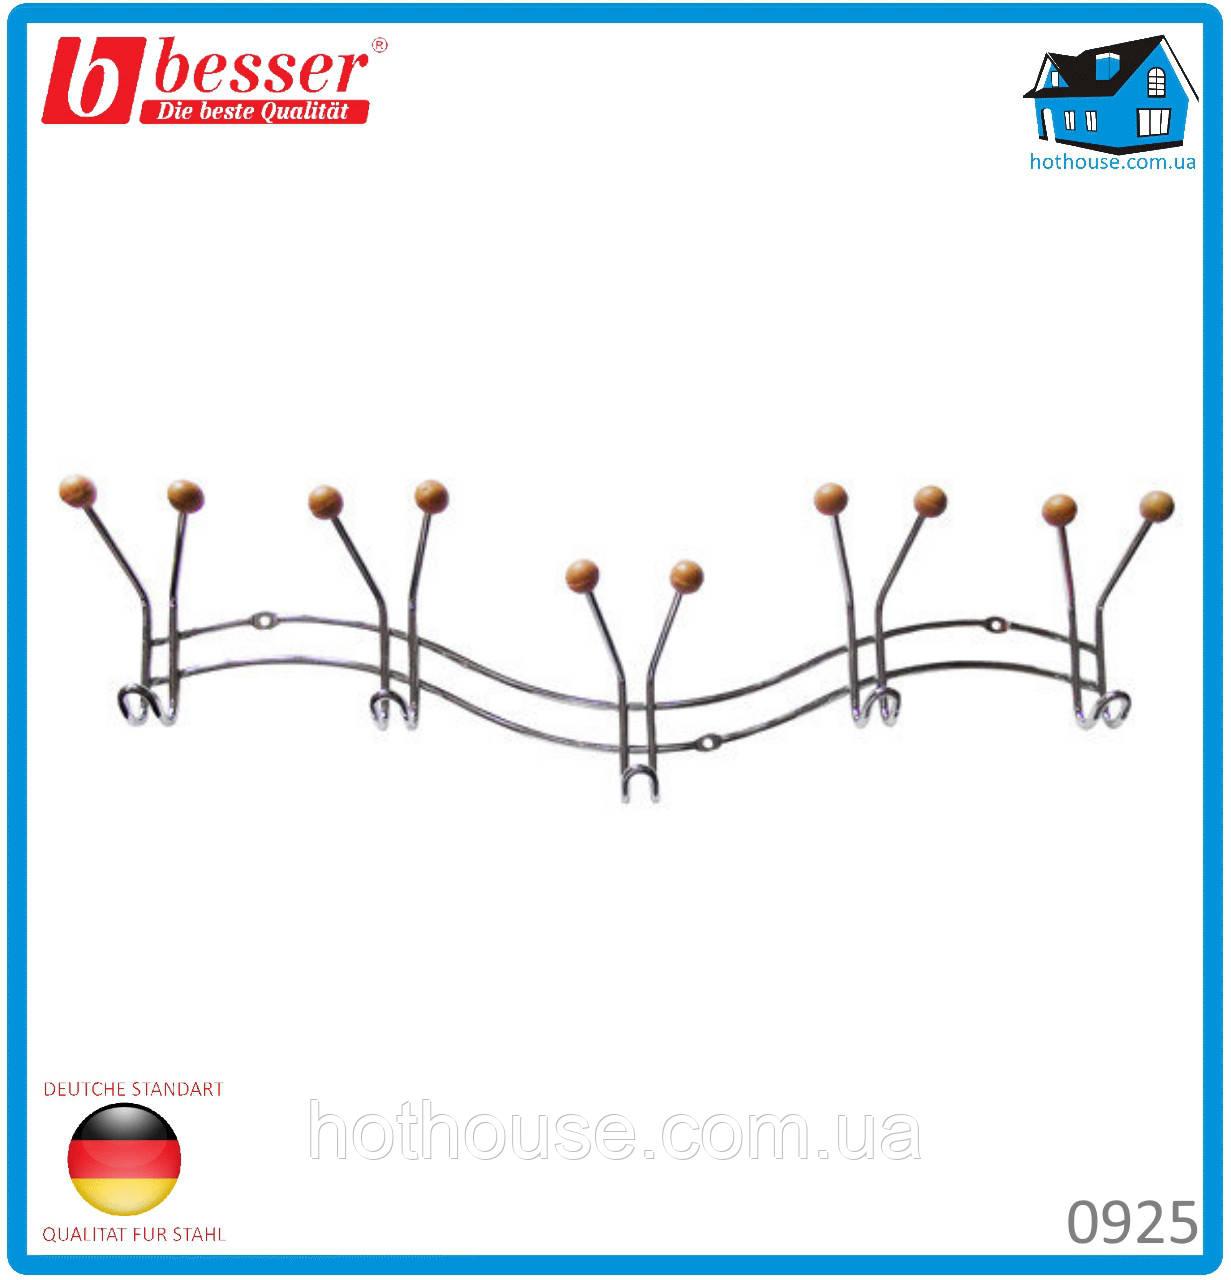 Вешалка Besser 0925 хромированная с 5 тройными крючками 41.5*3.5*9.5см с силиконовыми наконечниками